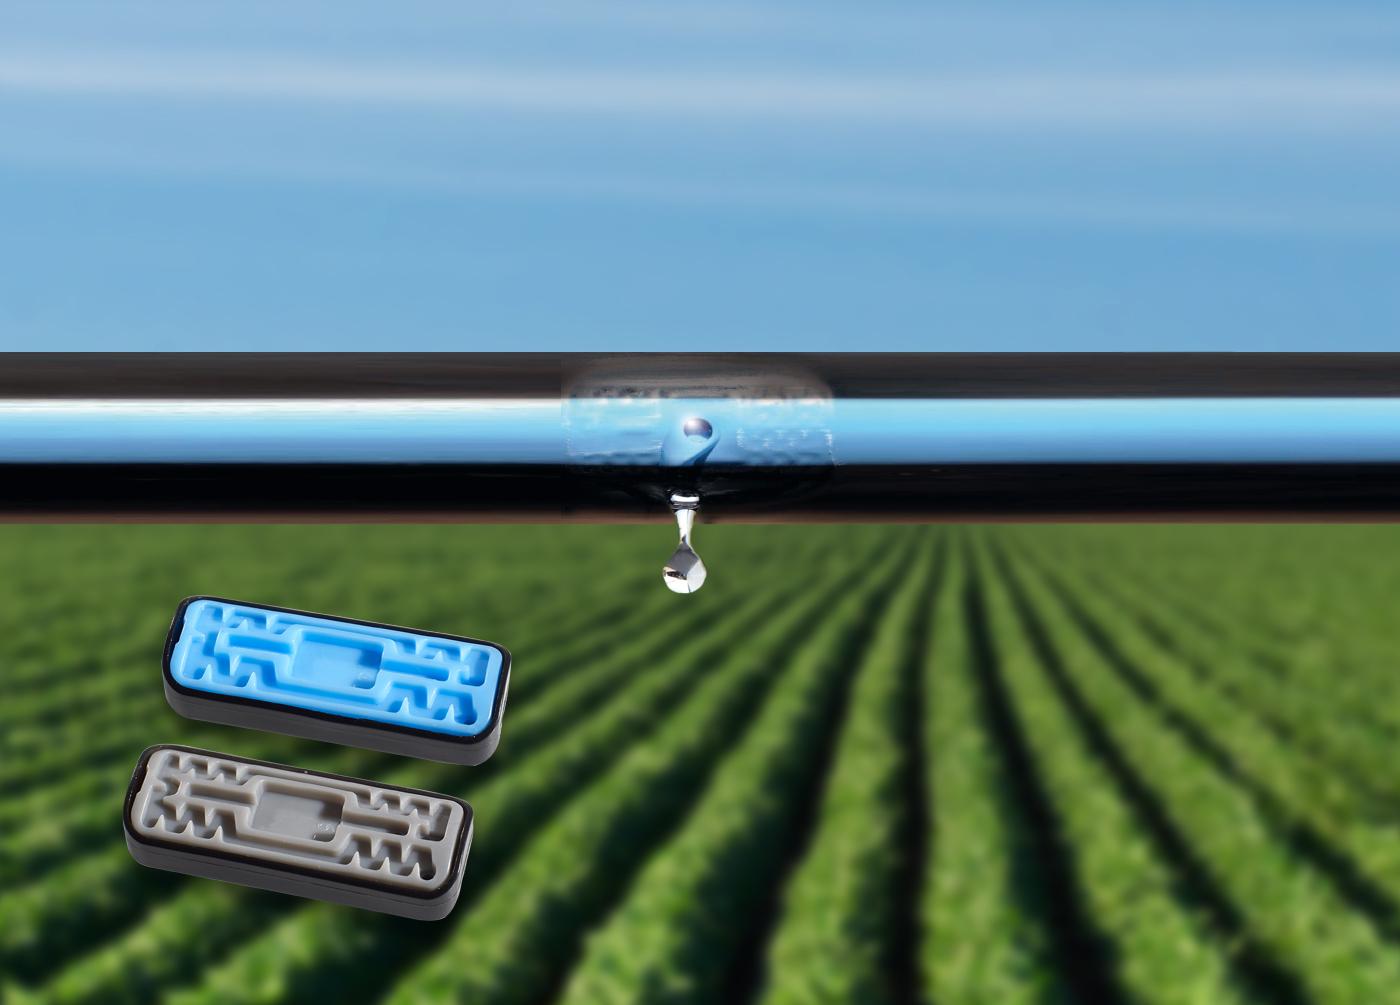 caratteristiche Tubo irrigazione a goccia passo 20 Ala gocciolante Aquapress AS ND 16 mm orto giardino siepe 100